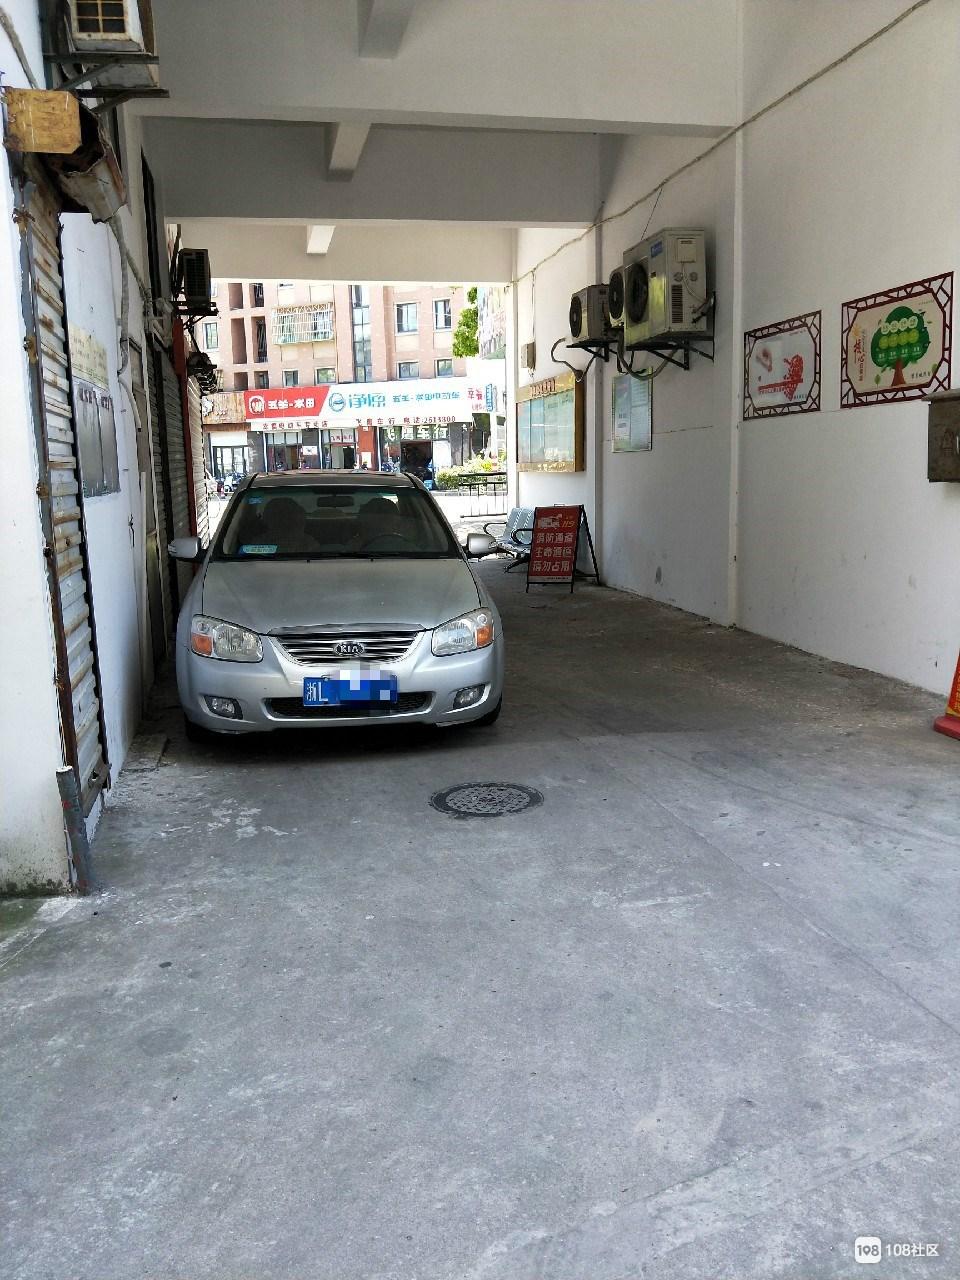 无语!多次提醒这位乱停车的车主 这回干脆停消防通道